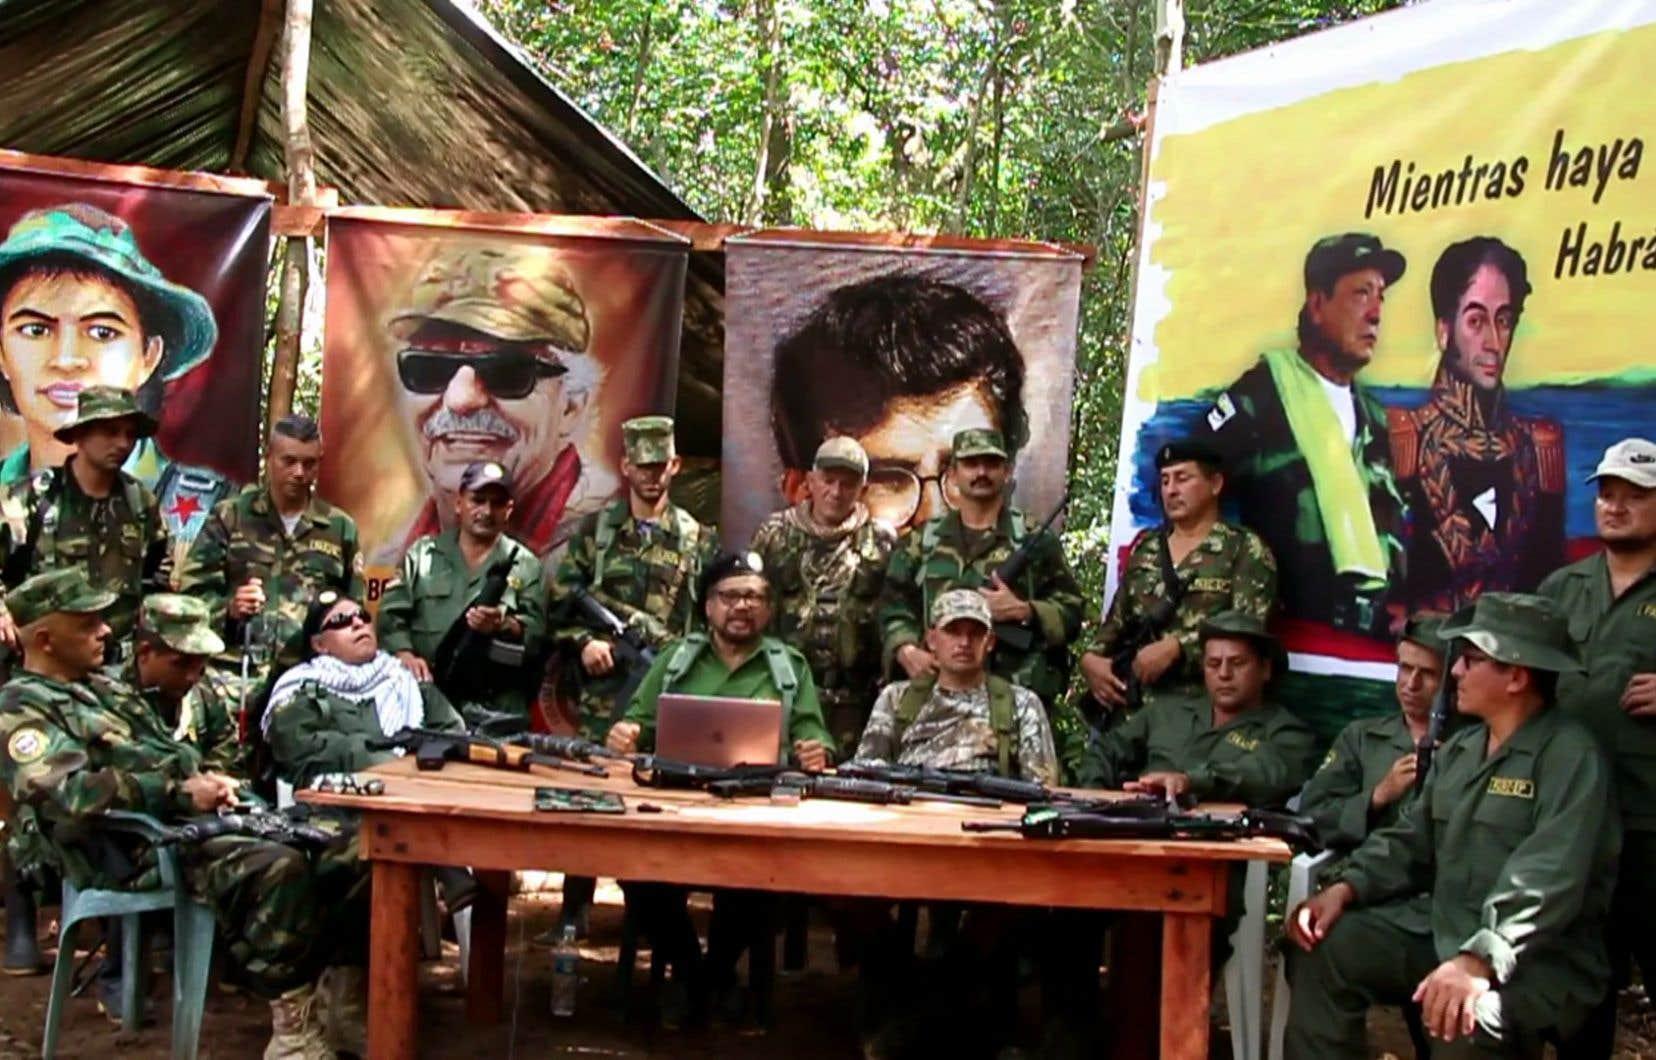 La dissidence des FARC a annoncé, dans une vidéo diffusée mercredi, la création d'un mouvement politique clandestin, suite à son soulèvement armé la semaine dernière.